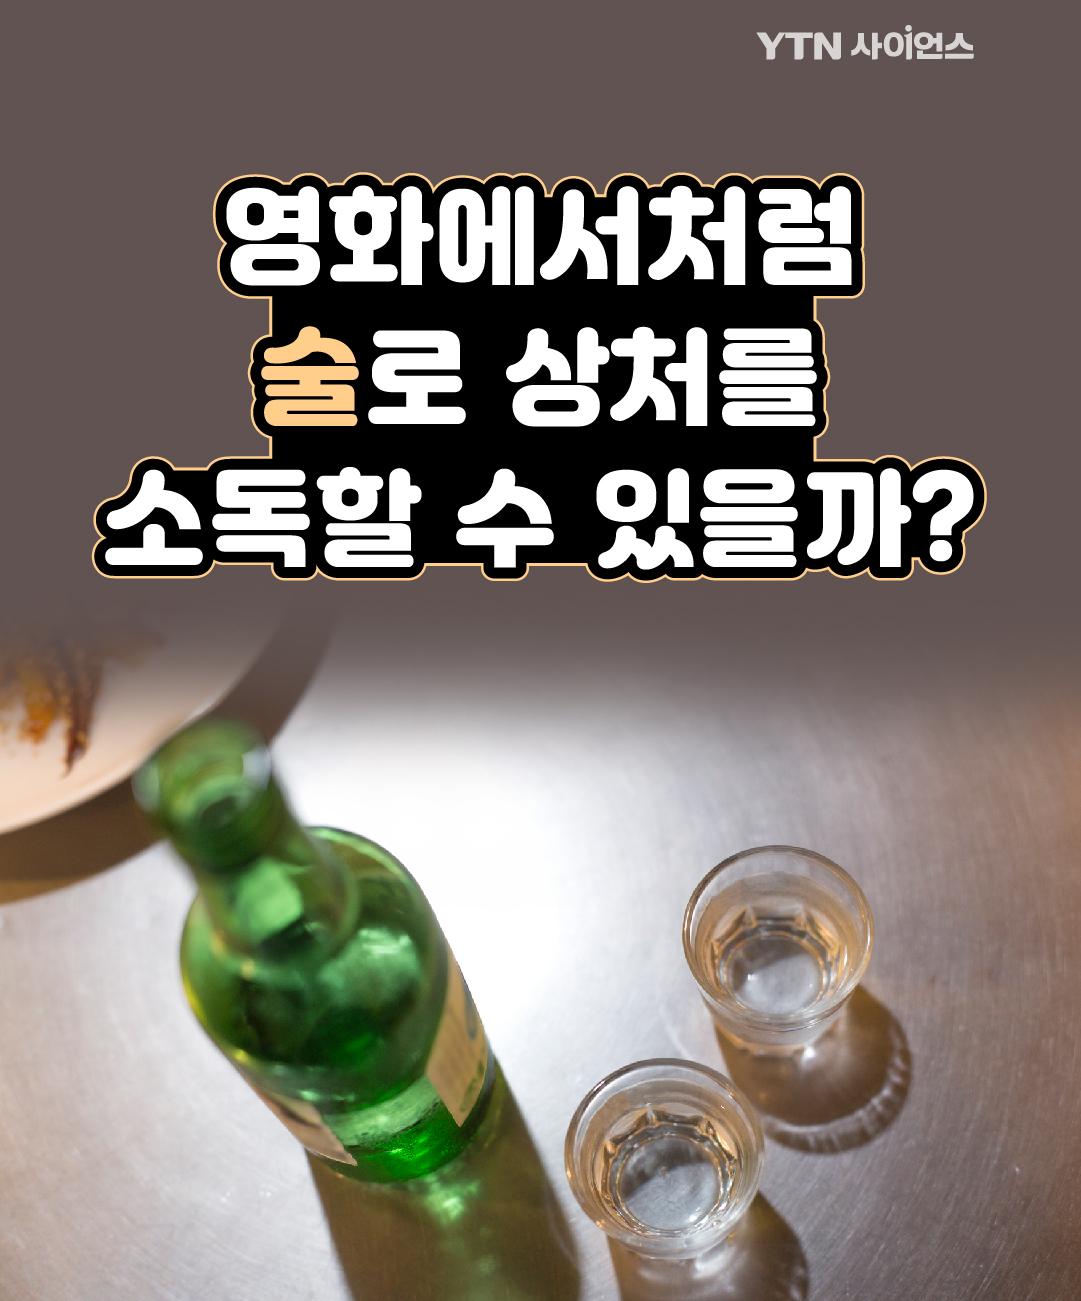 영화에서처럼 술로 상처를 소독할 수 있을까? 이미지